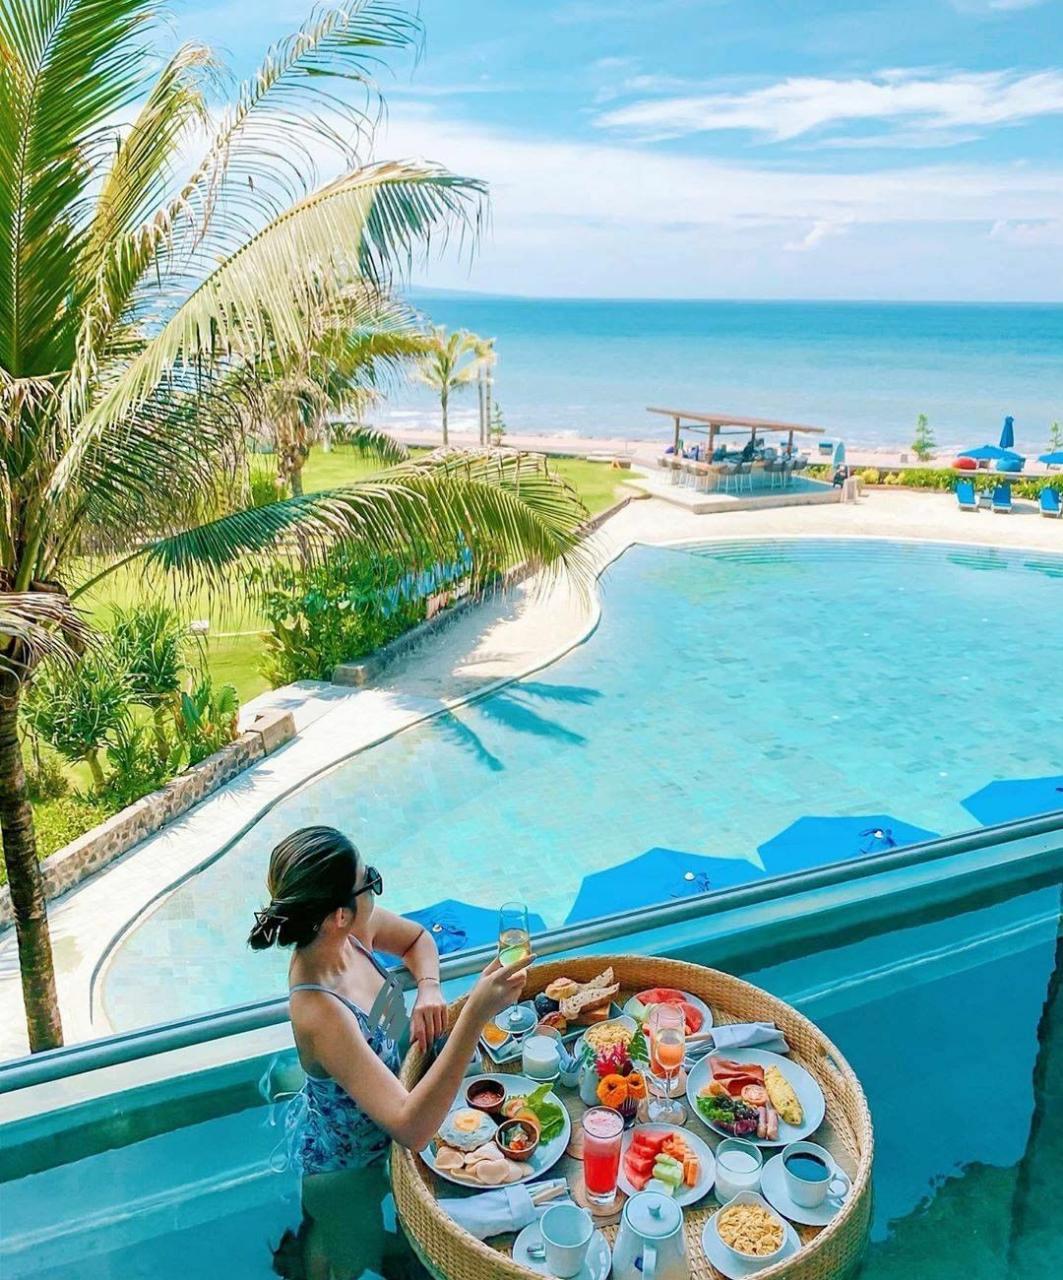 Hotel dengan pemandangan pantai di Bali